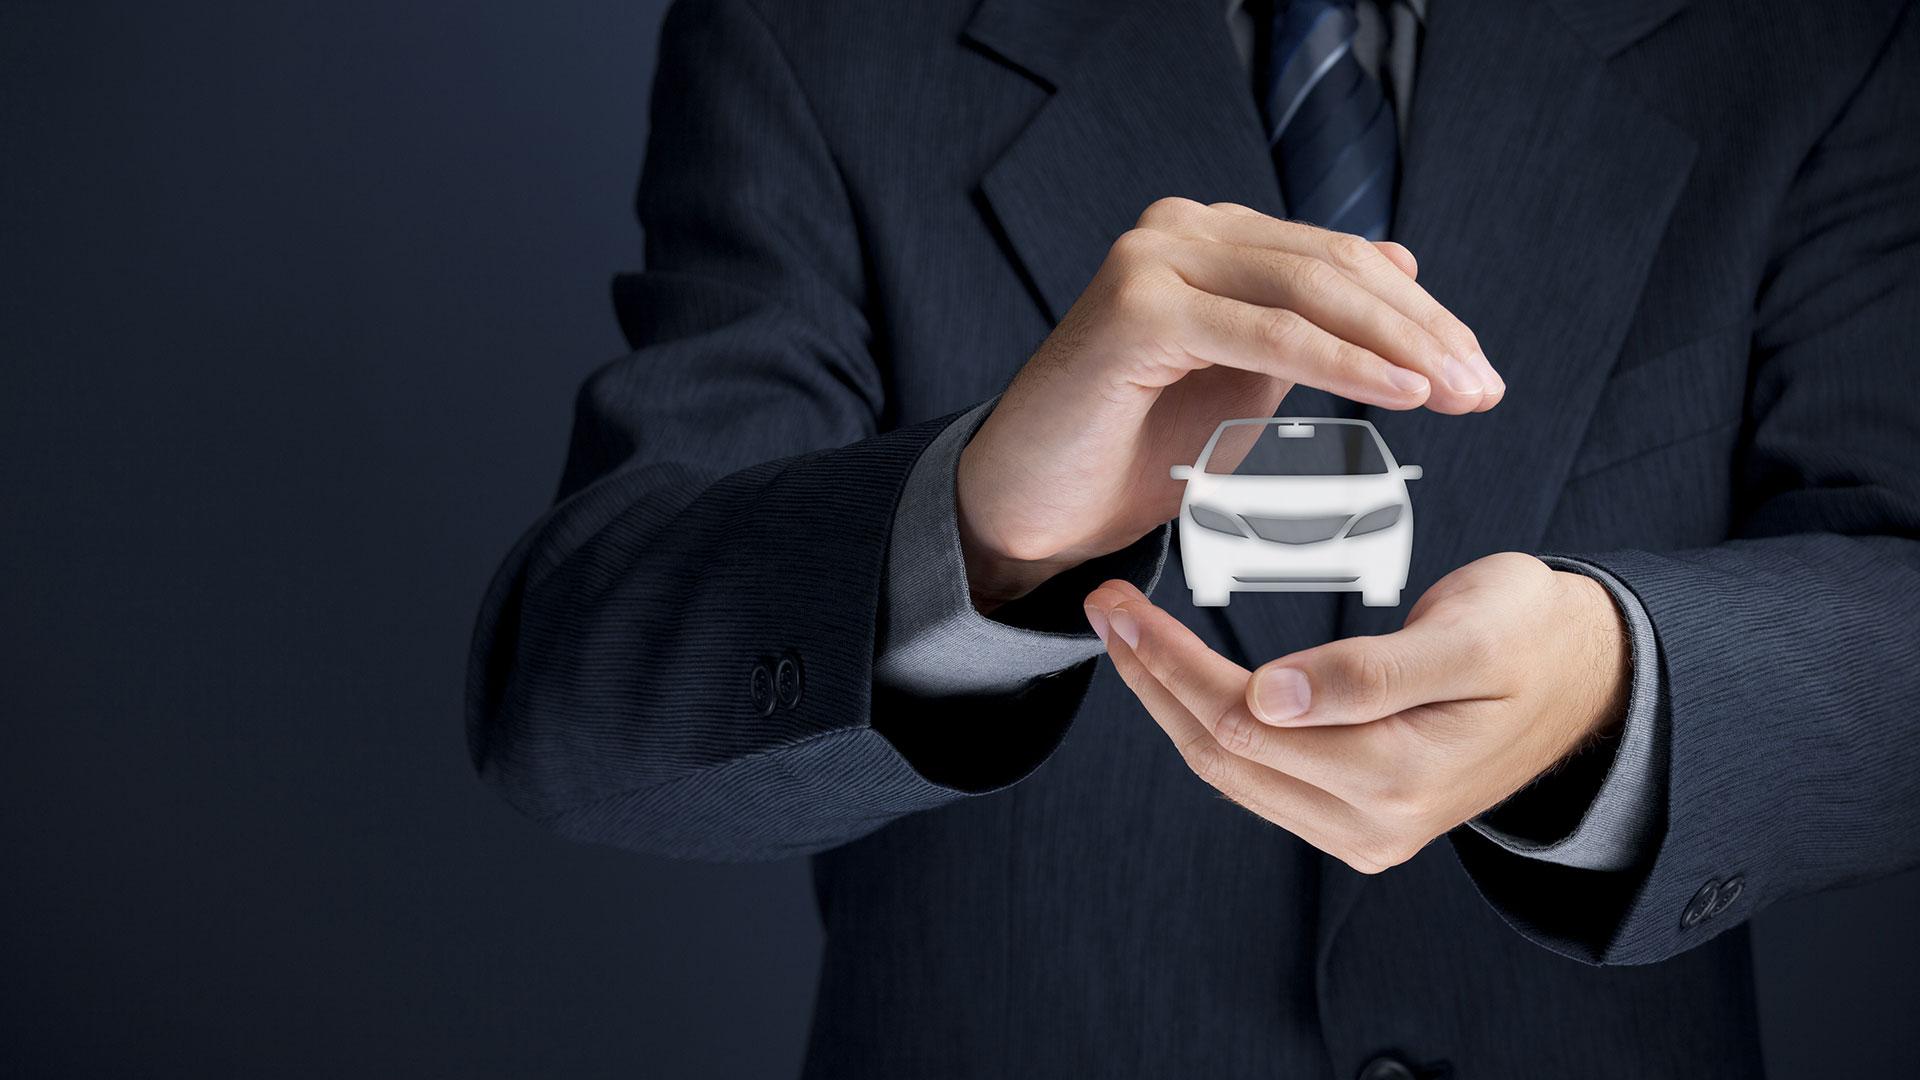 Imagem para ilustrar o texto sobre comprar ou alugar carro